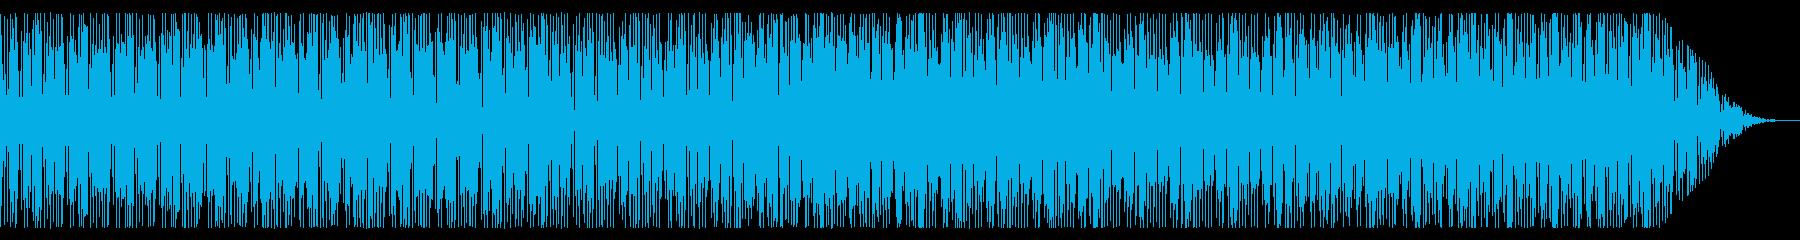 トロピカルな雰囲気のレゲエBGMの再生済みの波形